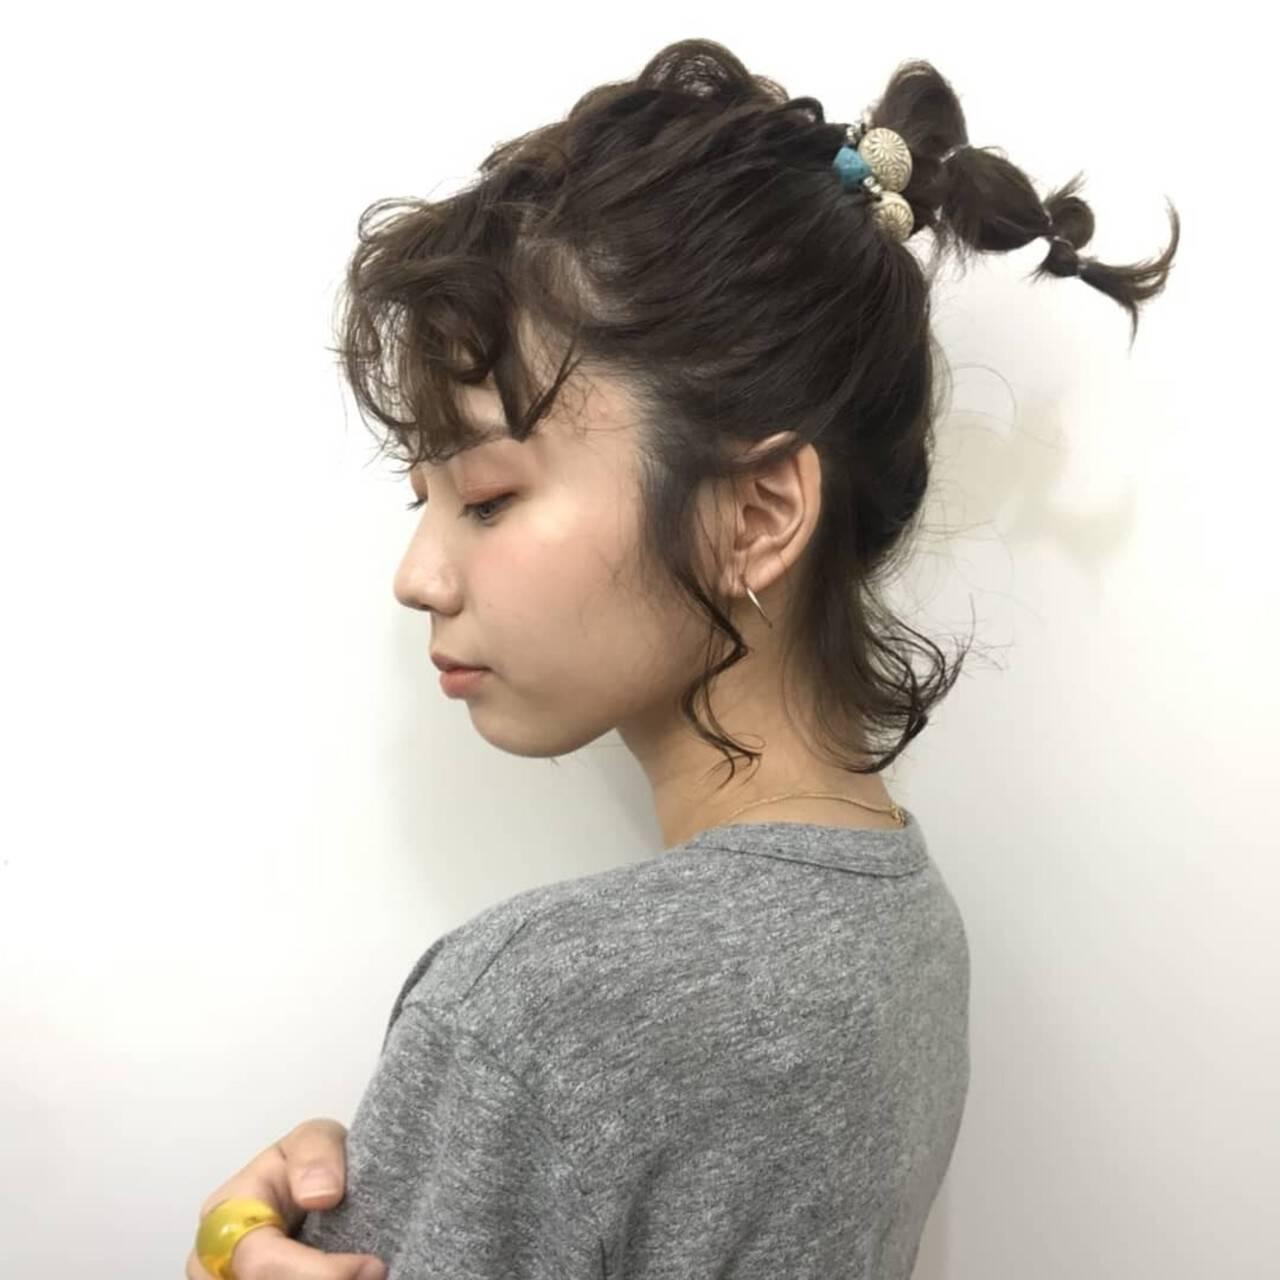 ボブ 抜け感 大人かわいい ヘアアレンジヘアスタイルや髪型の写真・画像